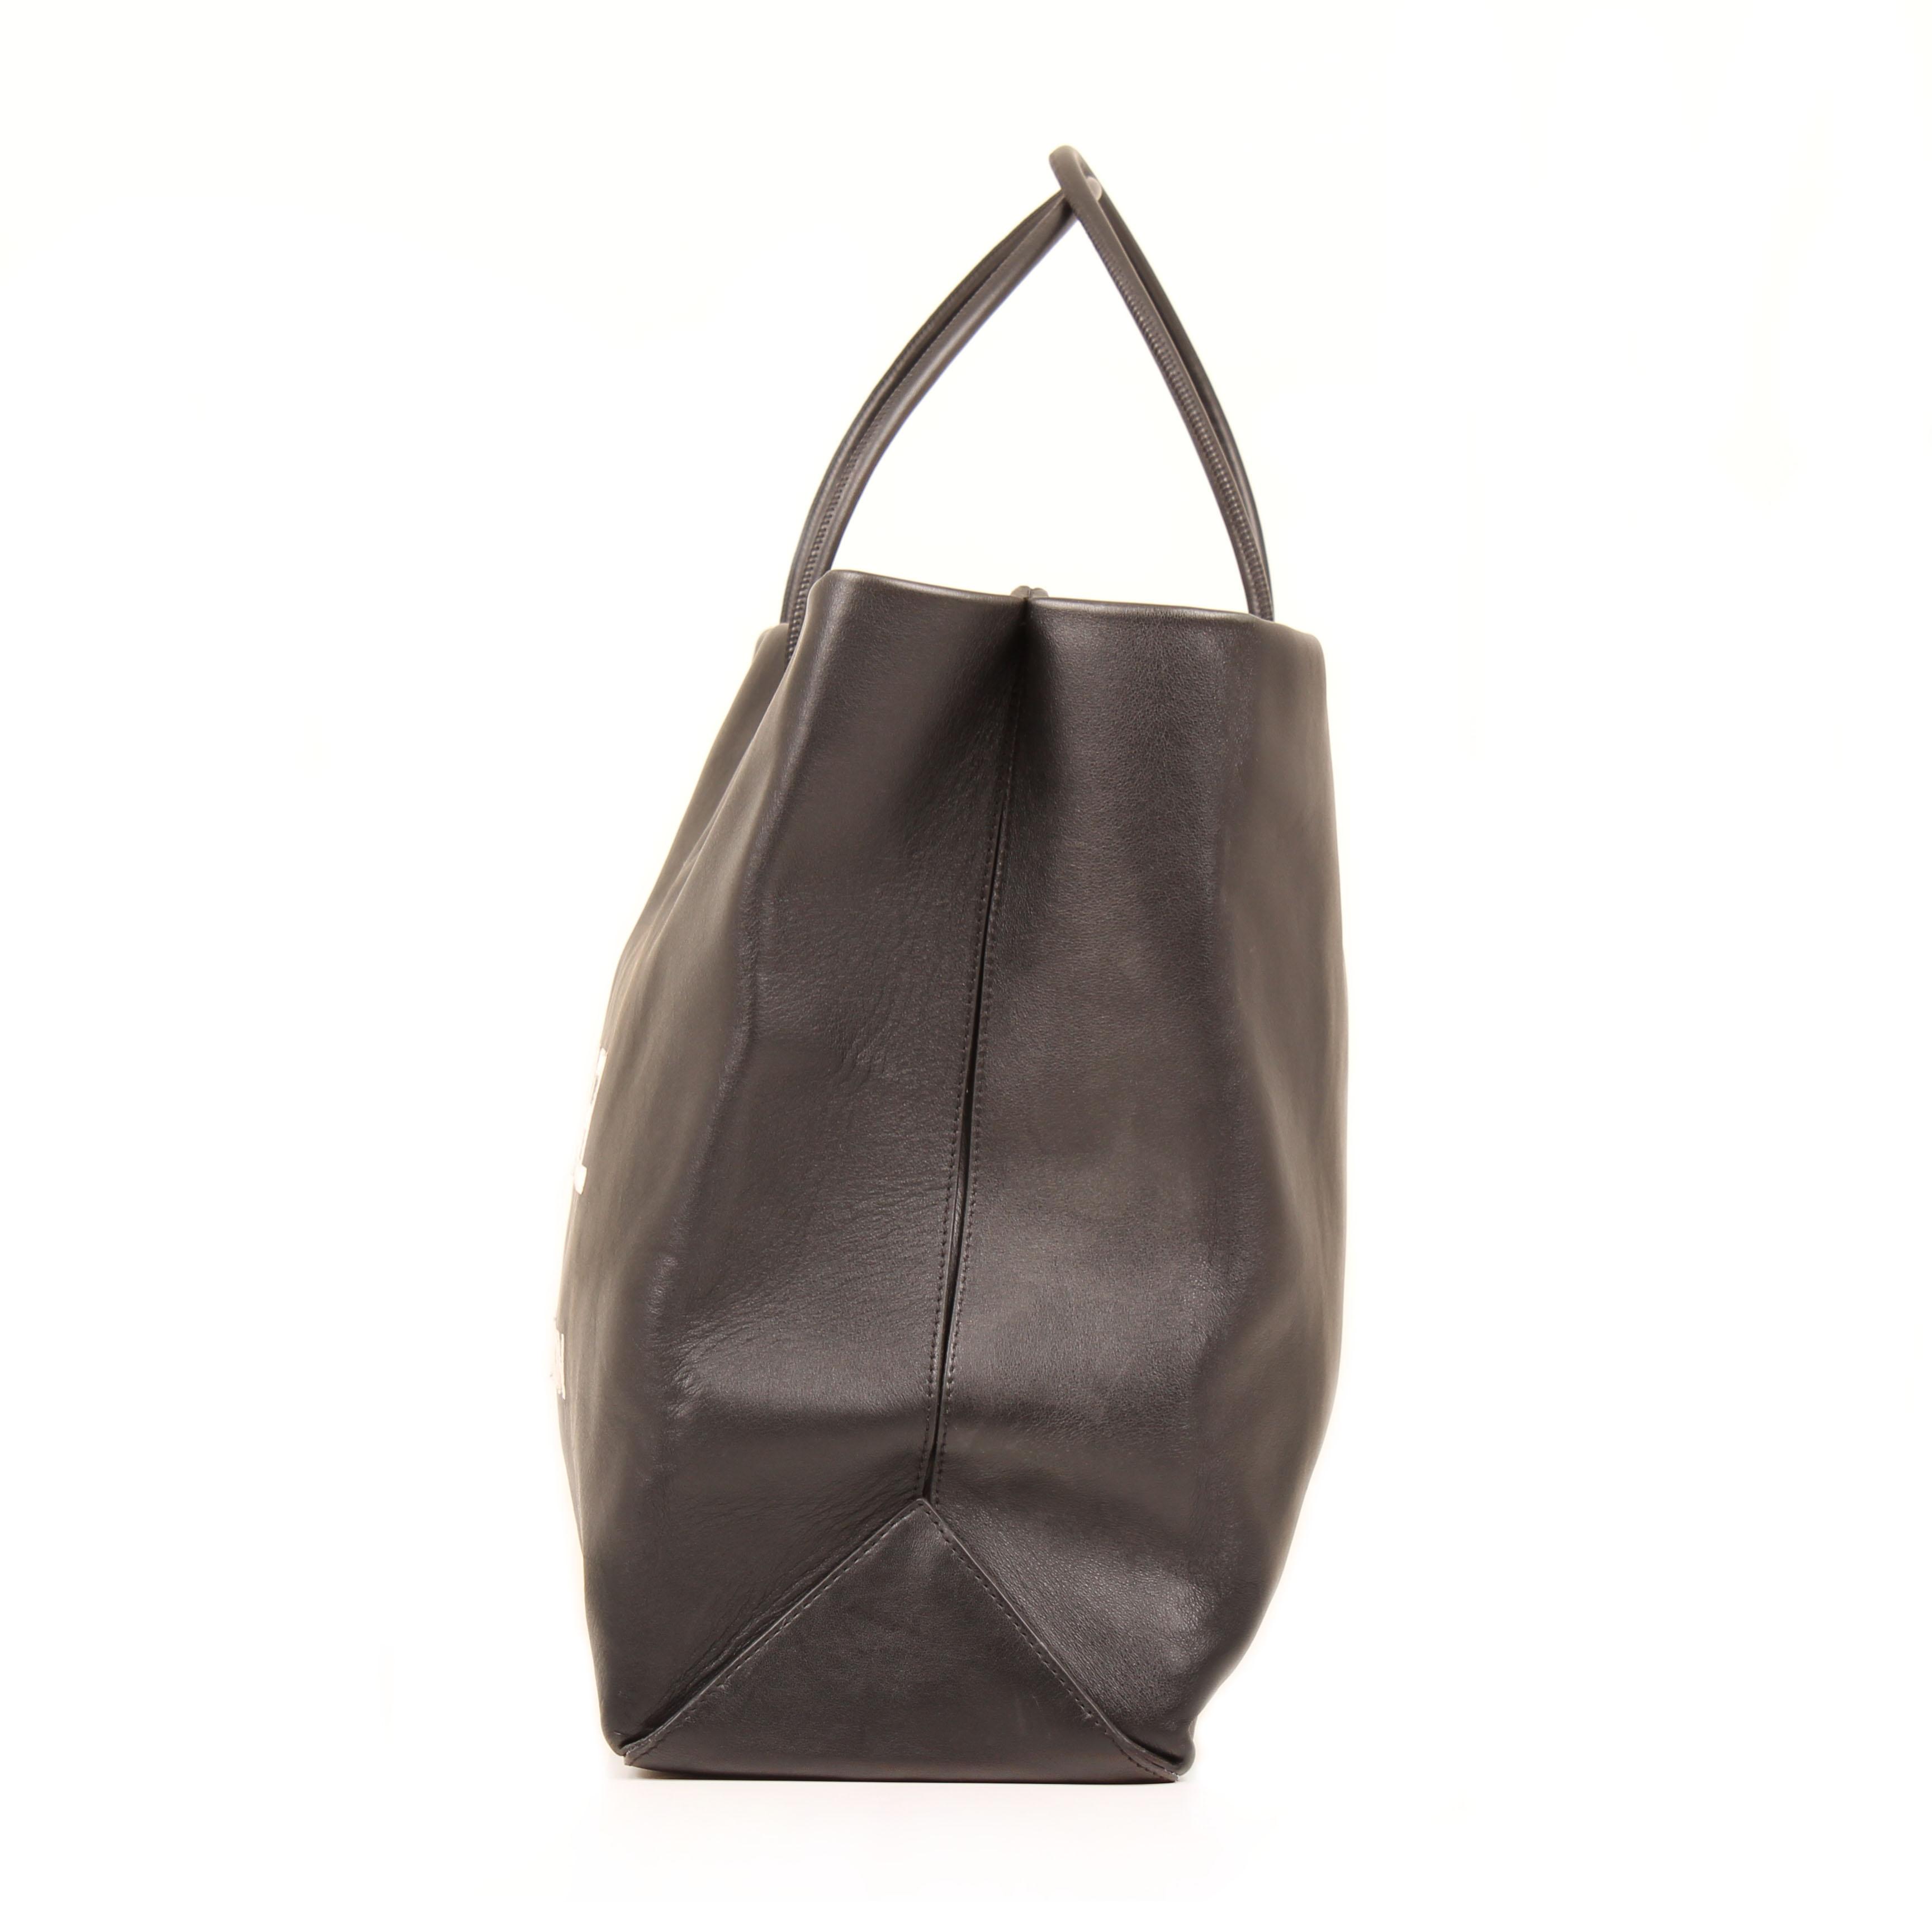 Imagen trasera del bolso tote chanel 31 rue cambon piel negro